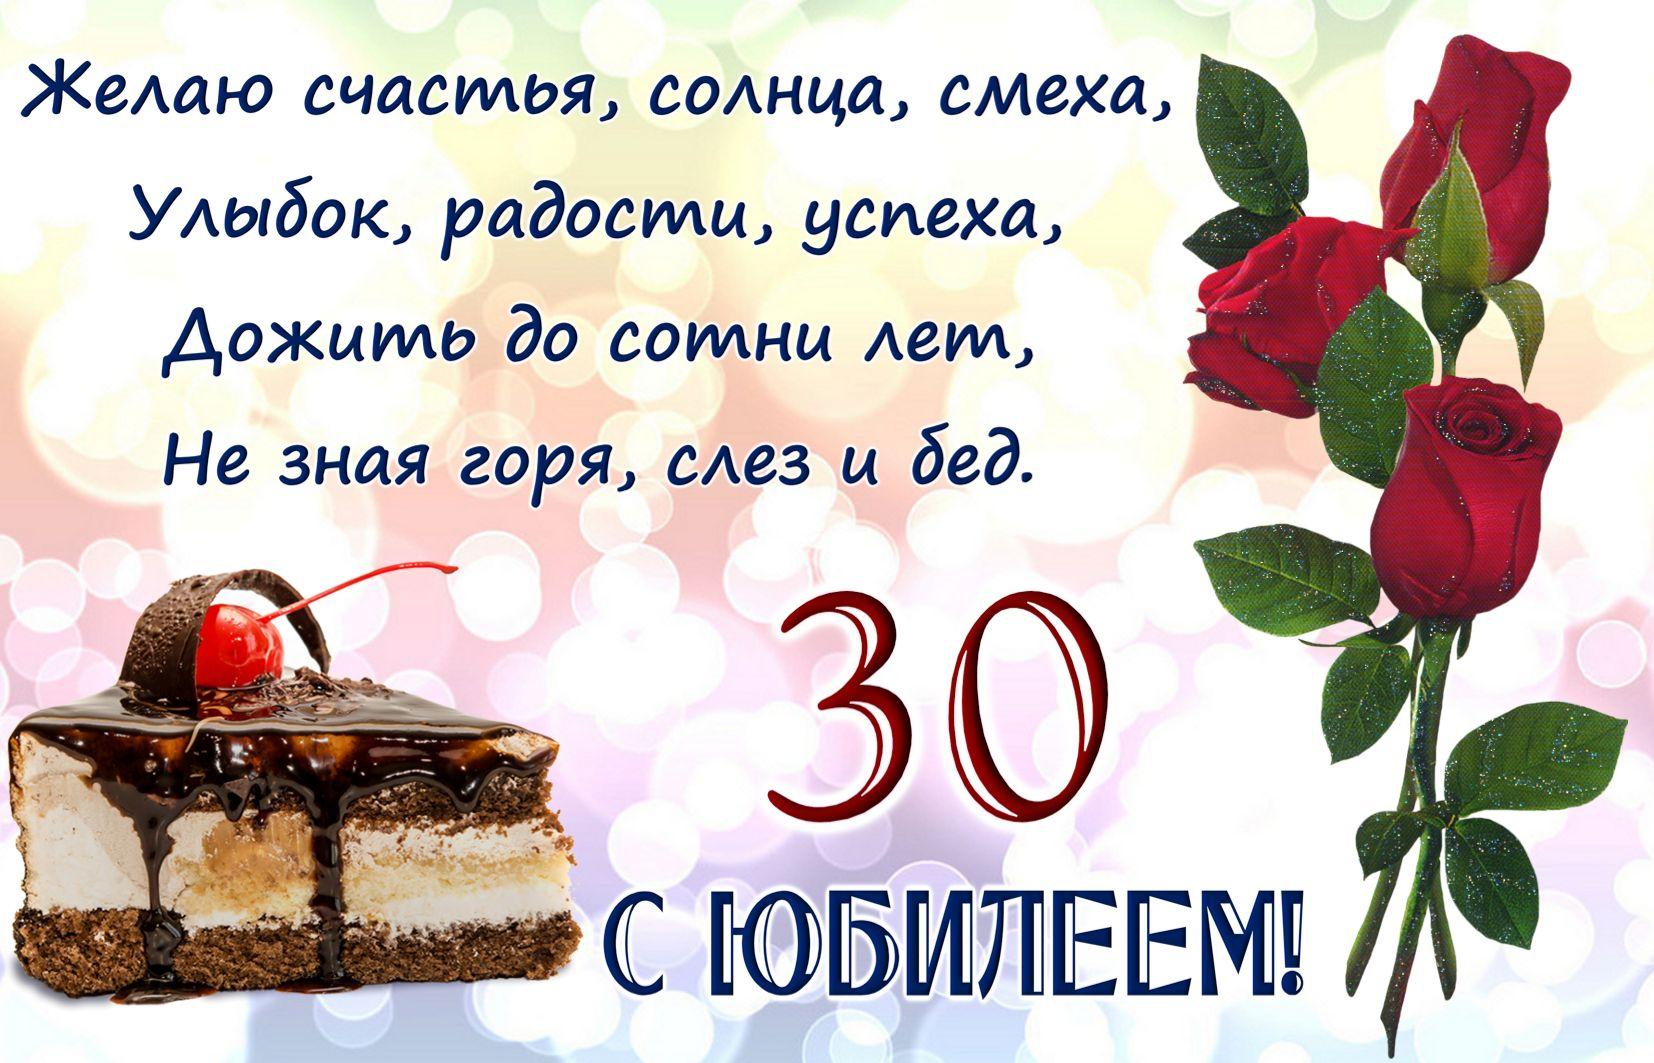 Тридцатилетие поздравления женщине